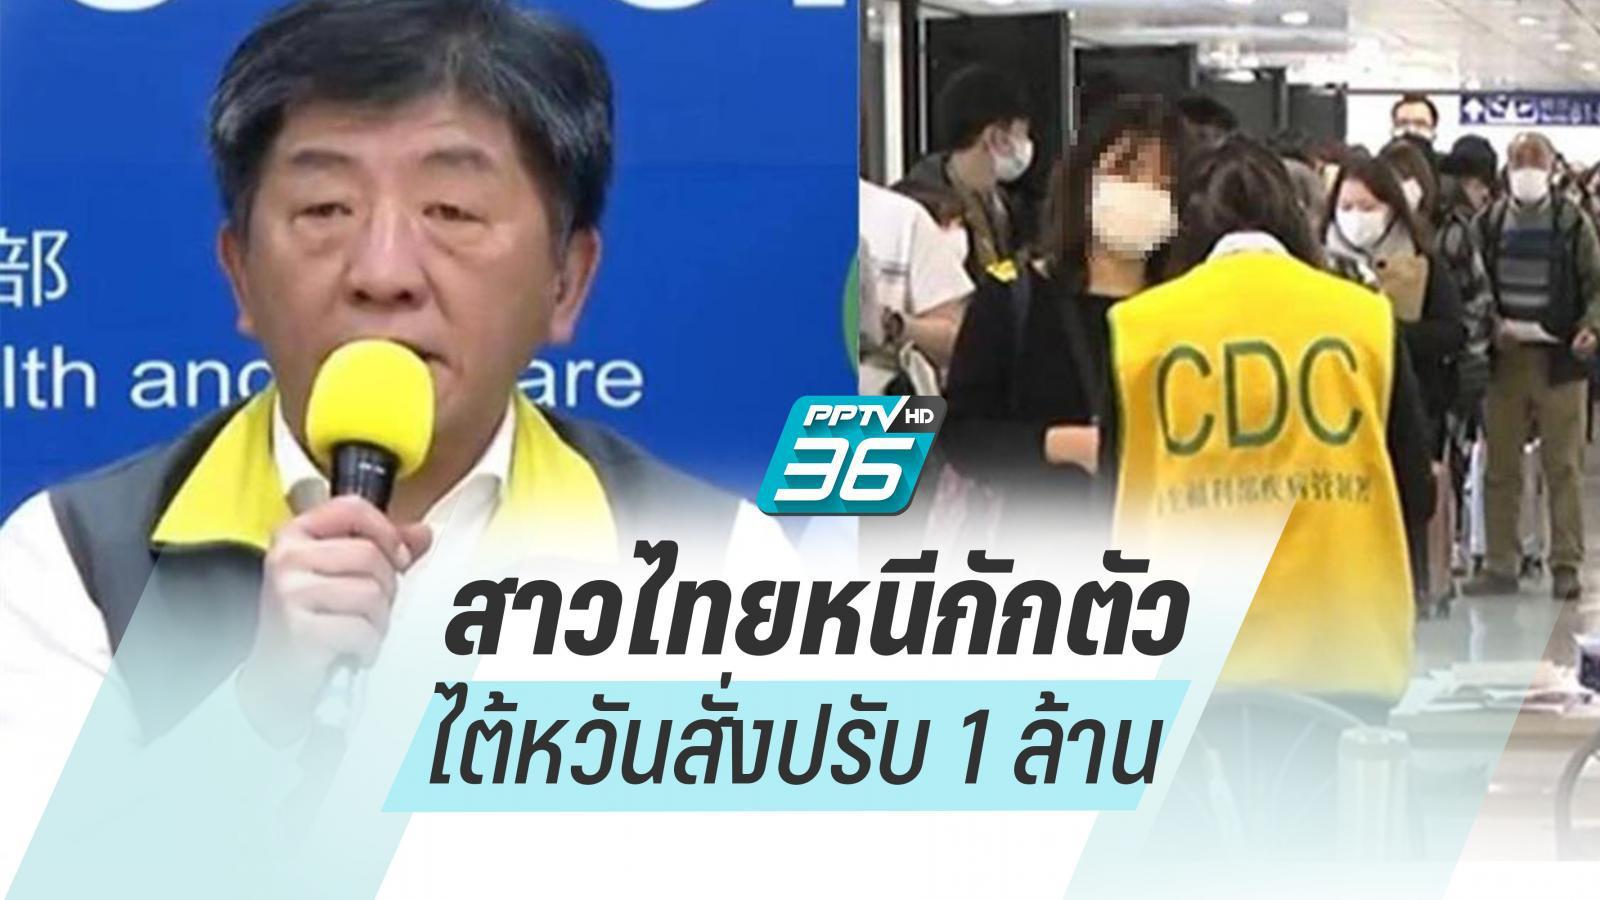 สาวไทยหนีกักตัวไต้หวันสั่งปรับหนัก 1 ล้าน-จำคุก